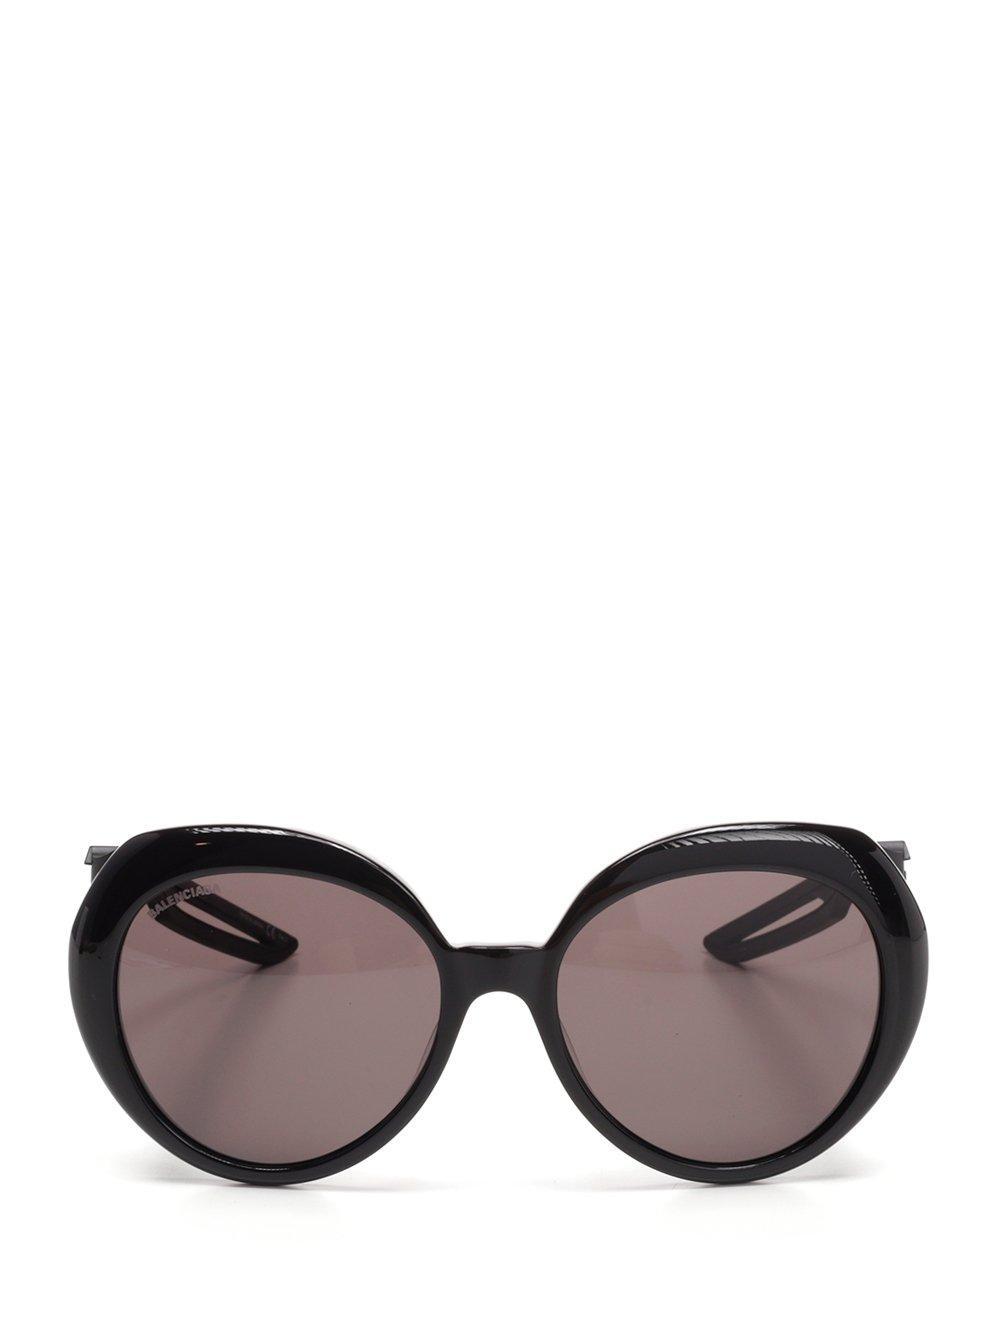 0cfea674a6e Lyst - Balenciaga Round Frame Sunglasses in Black